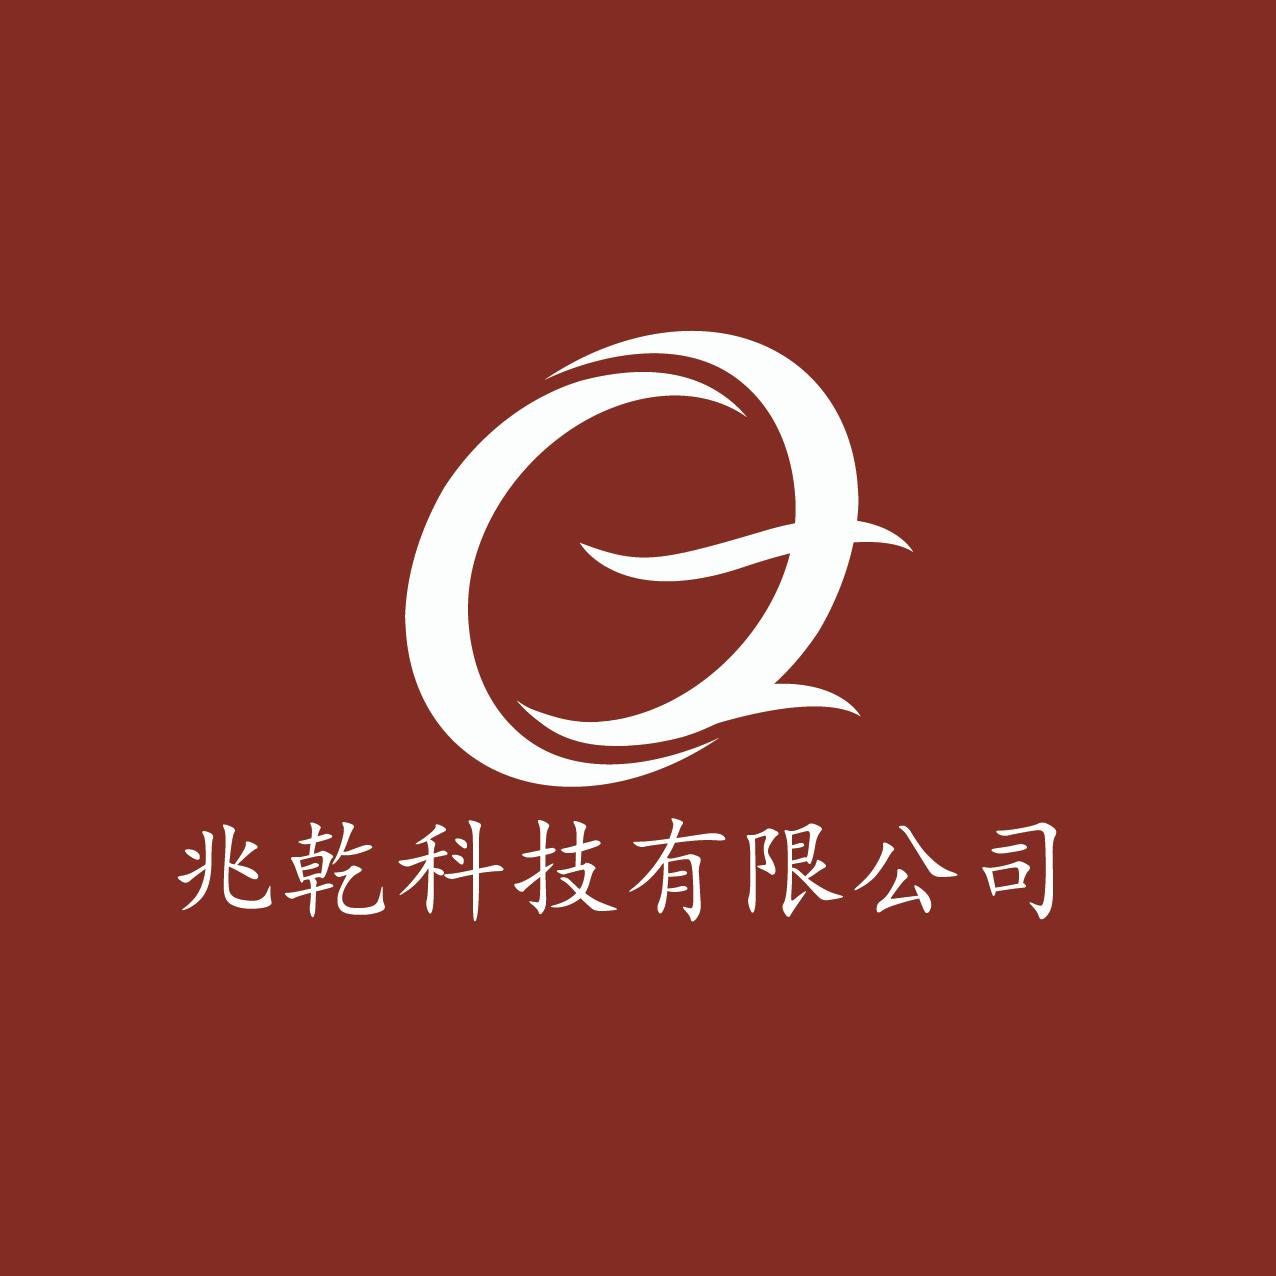 杭州兆乾科技有限公司